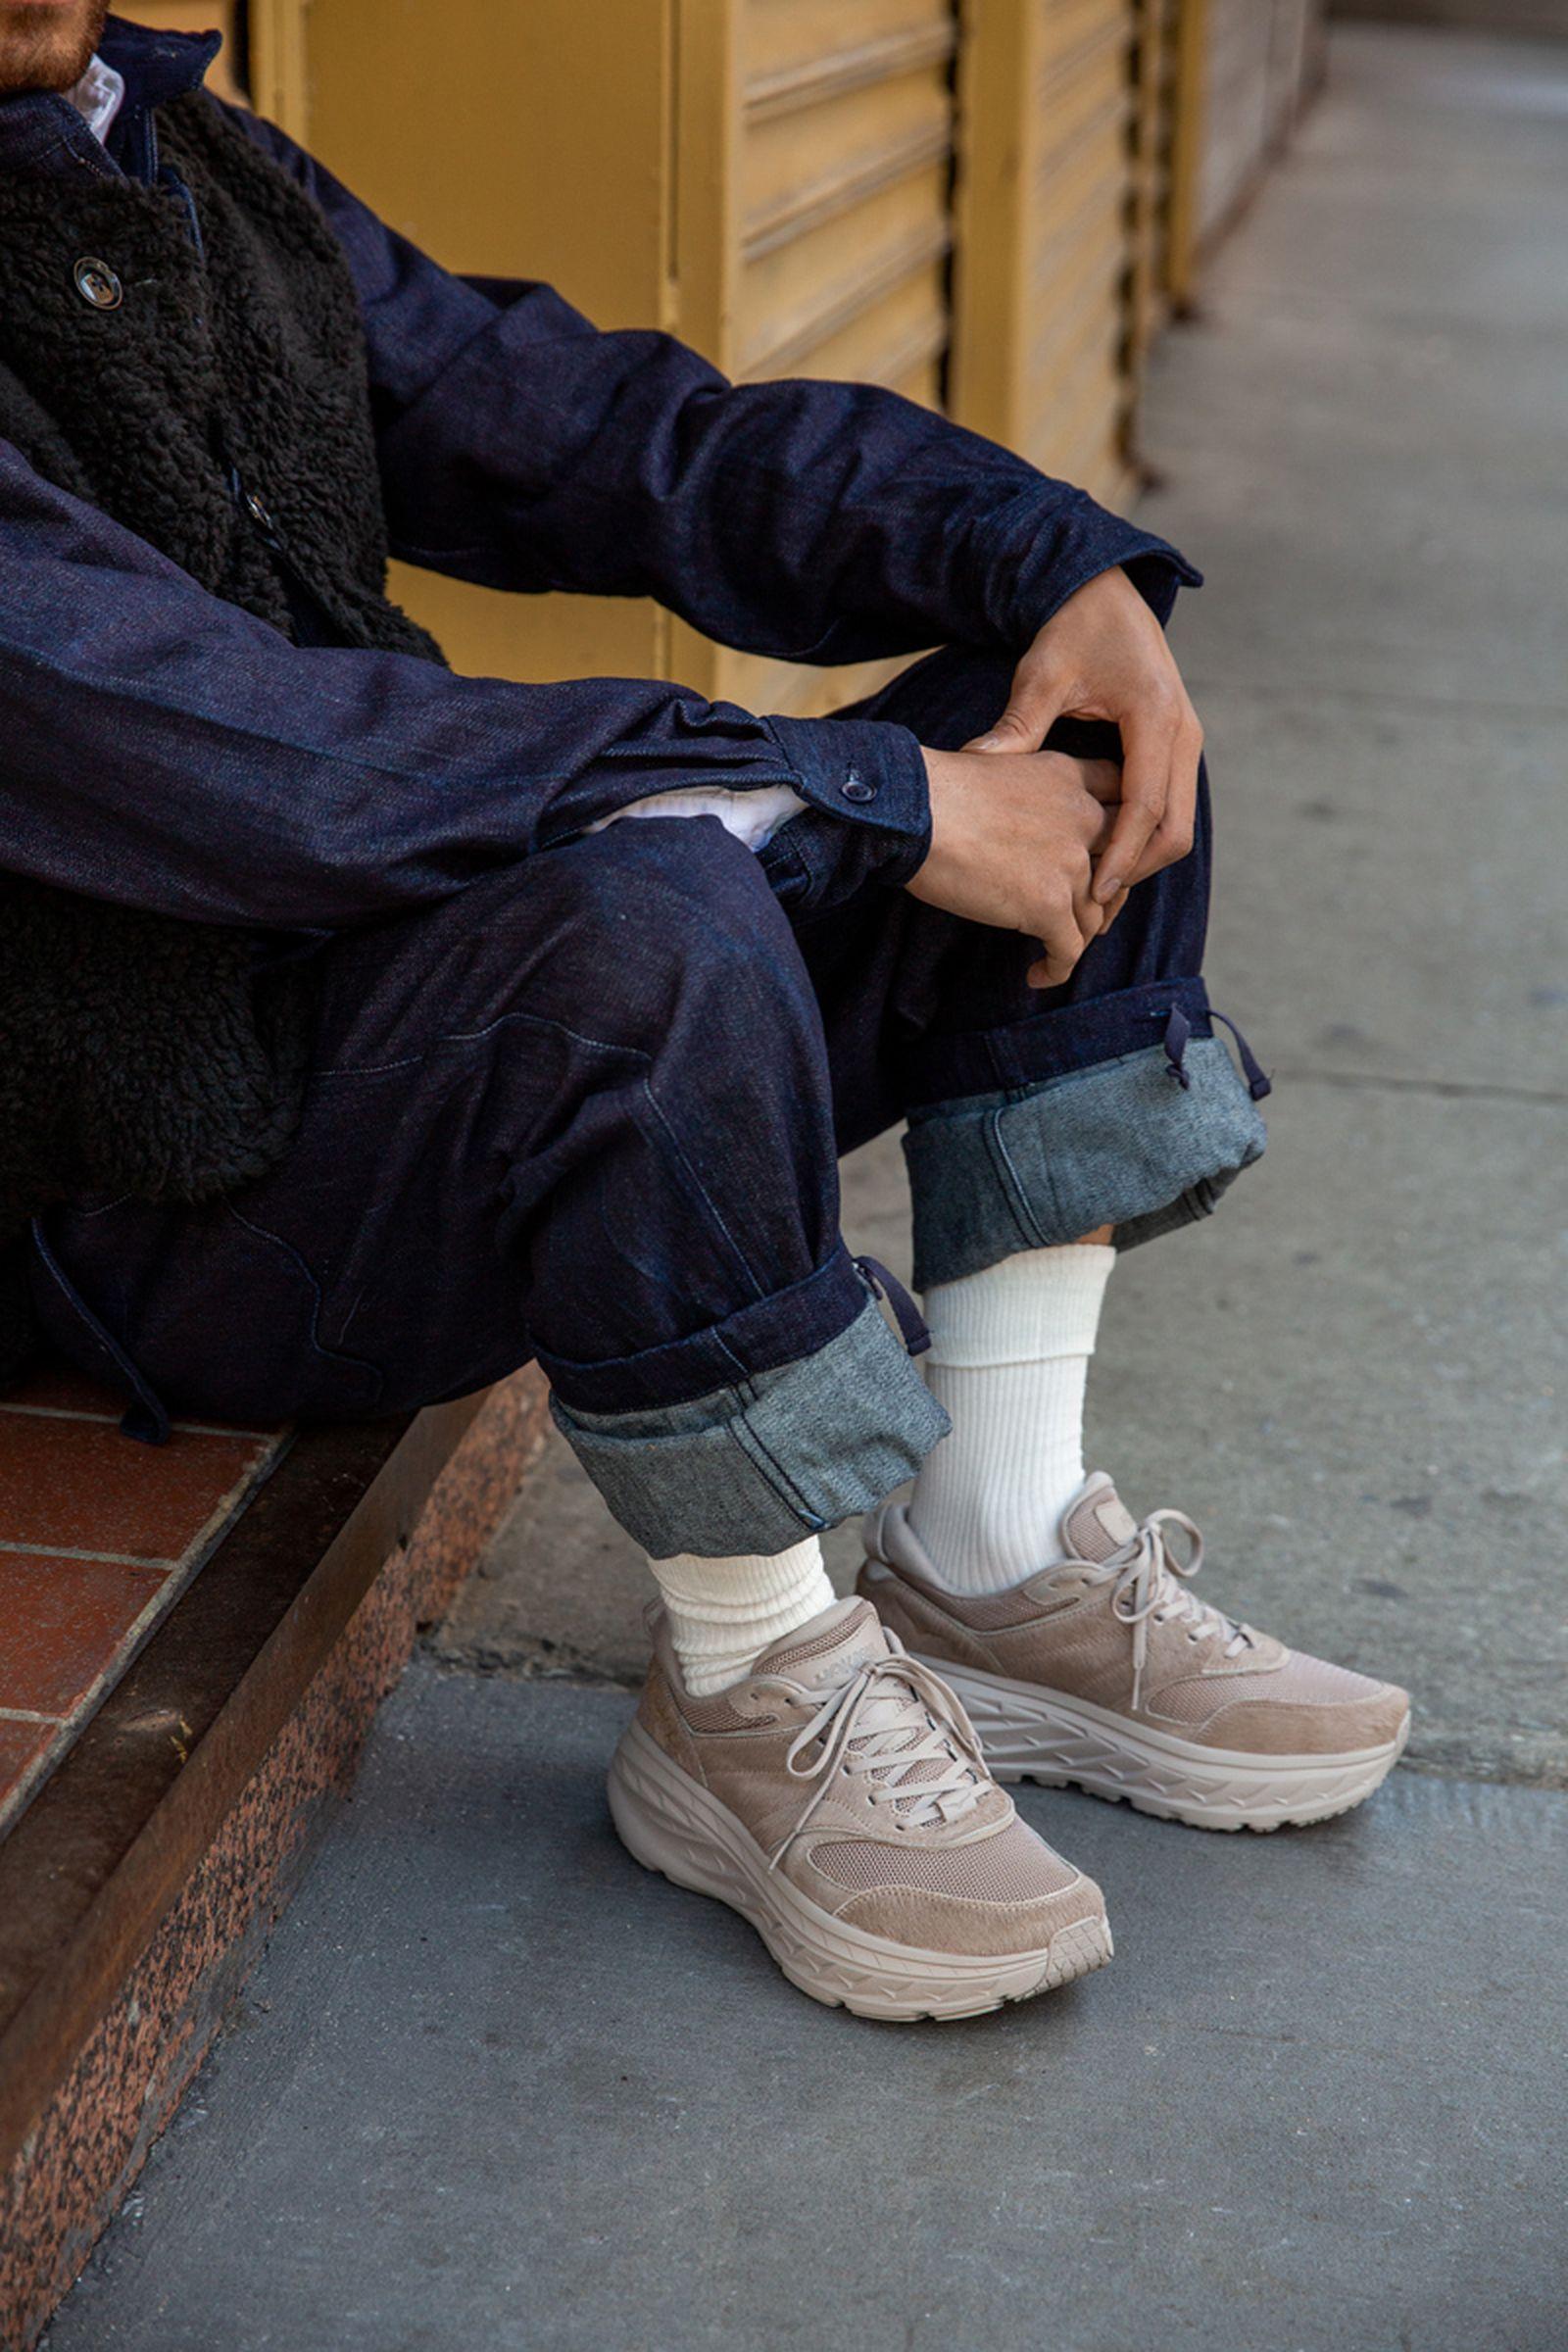 engineered-garments-hoka-one-one-bondi-l-release-date-price-lb-10